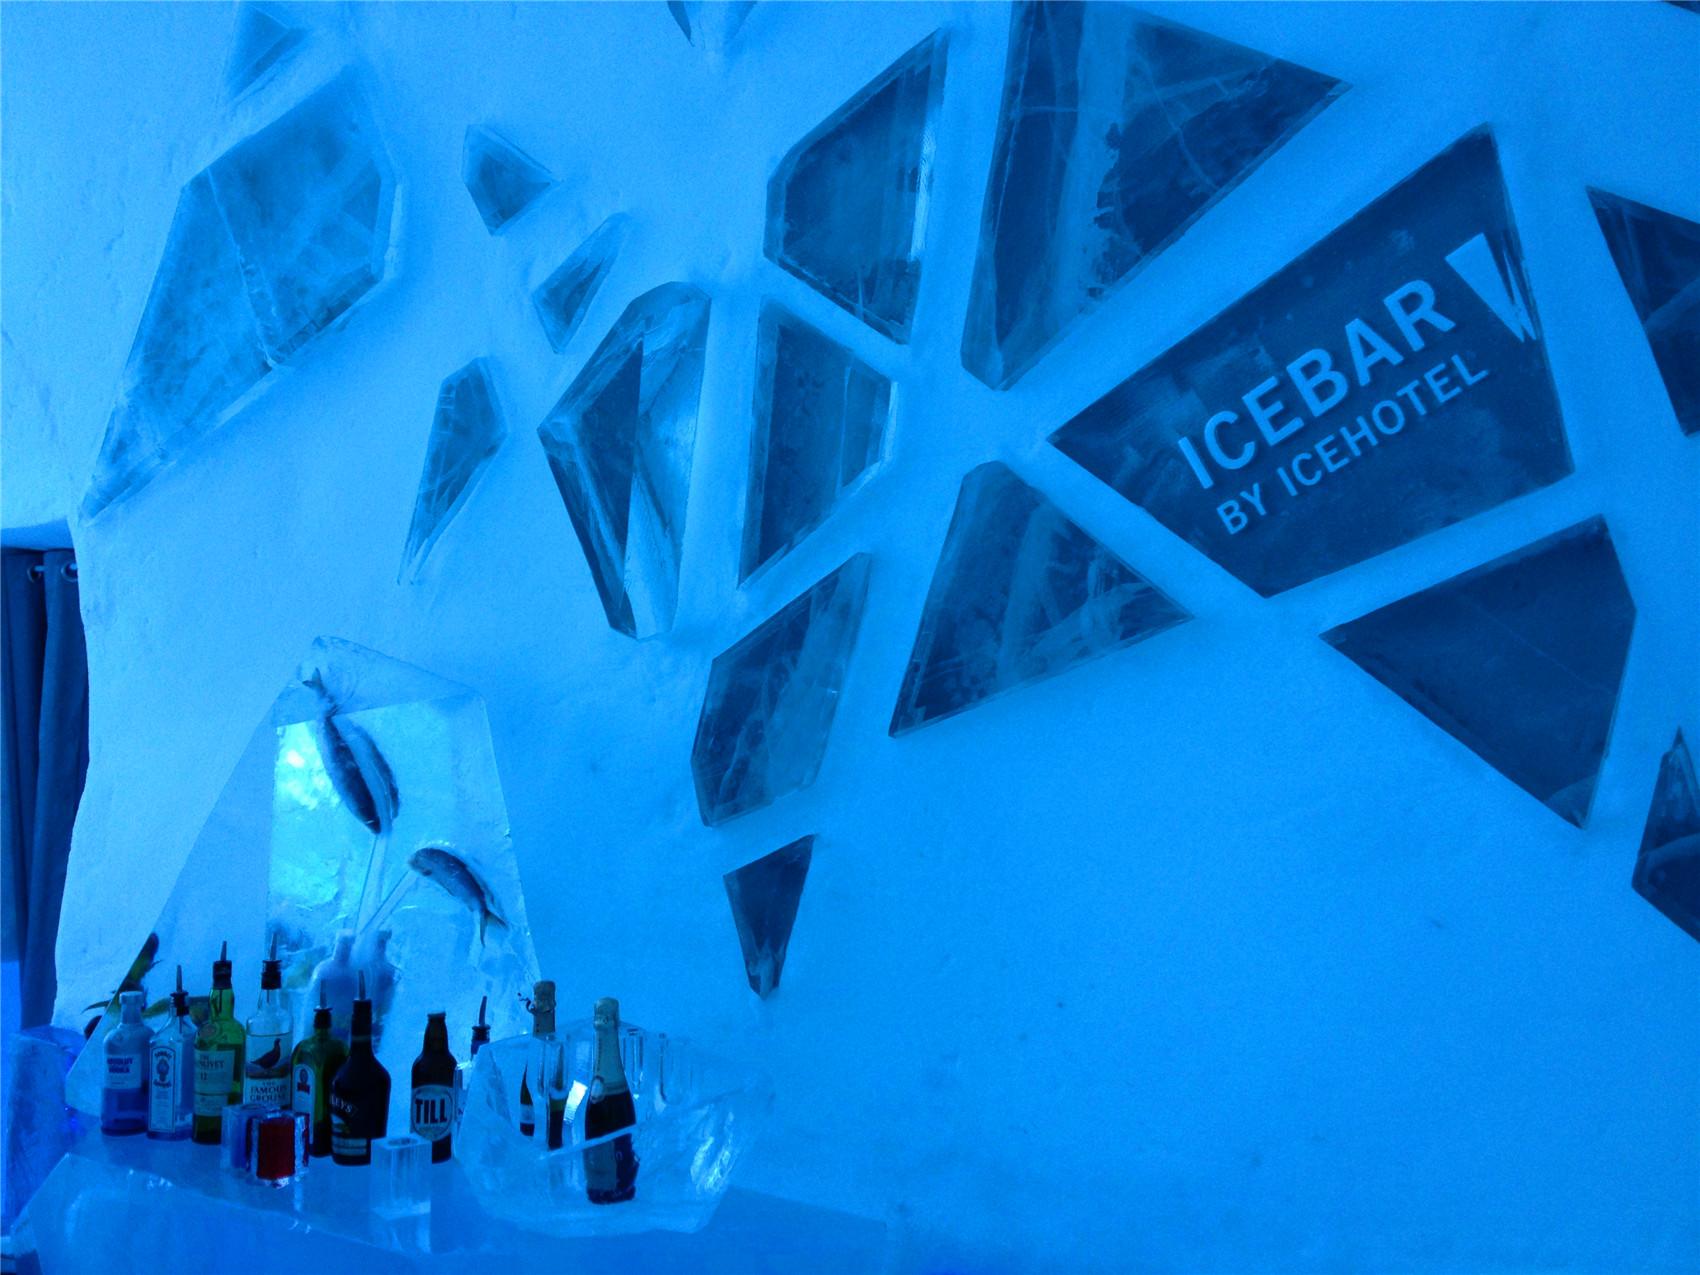 冰雪酒店酒吧